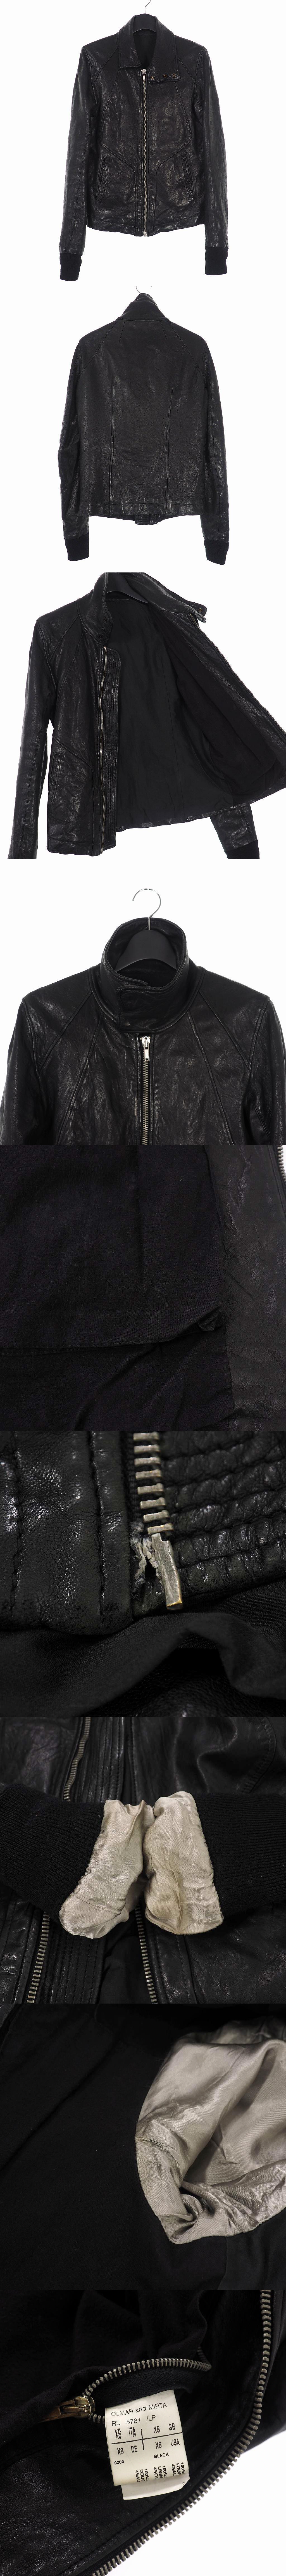 ハイネック ラムレザージャケット ライダース XS ブラック 黒 RU5761/LP